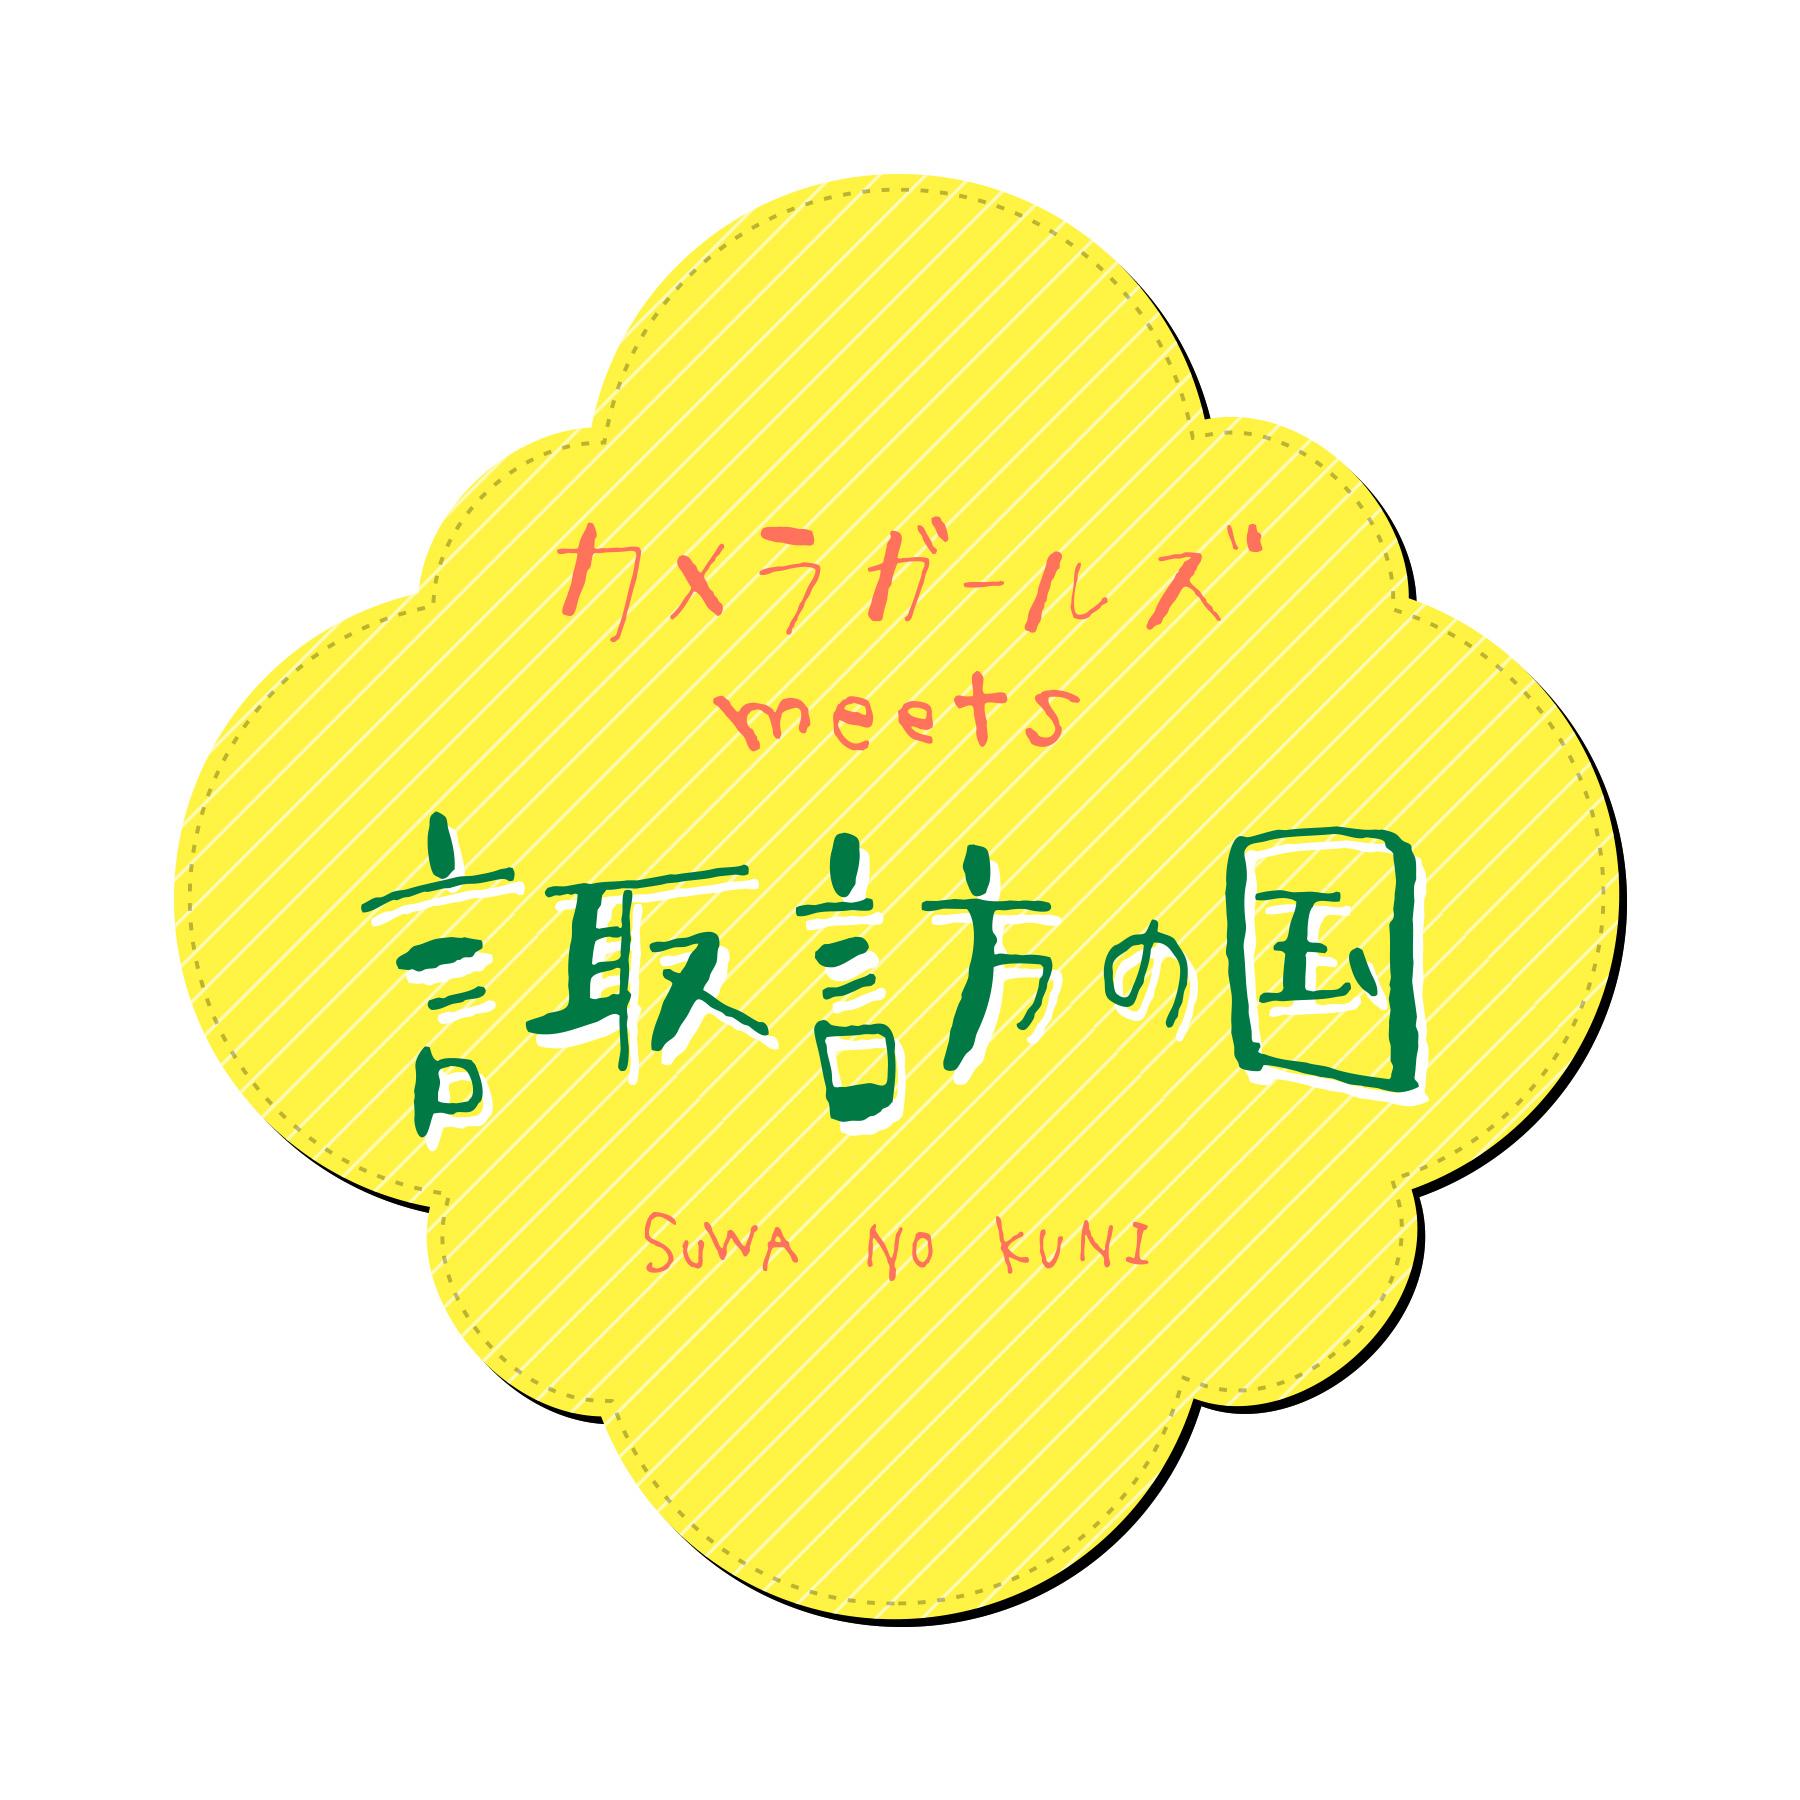 諏訪,長野県,諏訪市,カメラガールズ